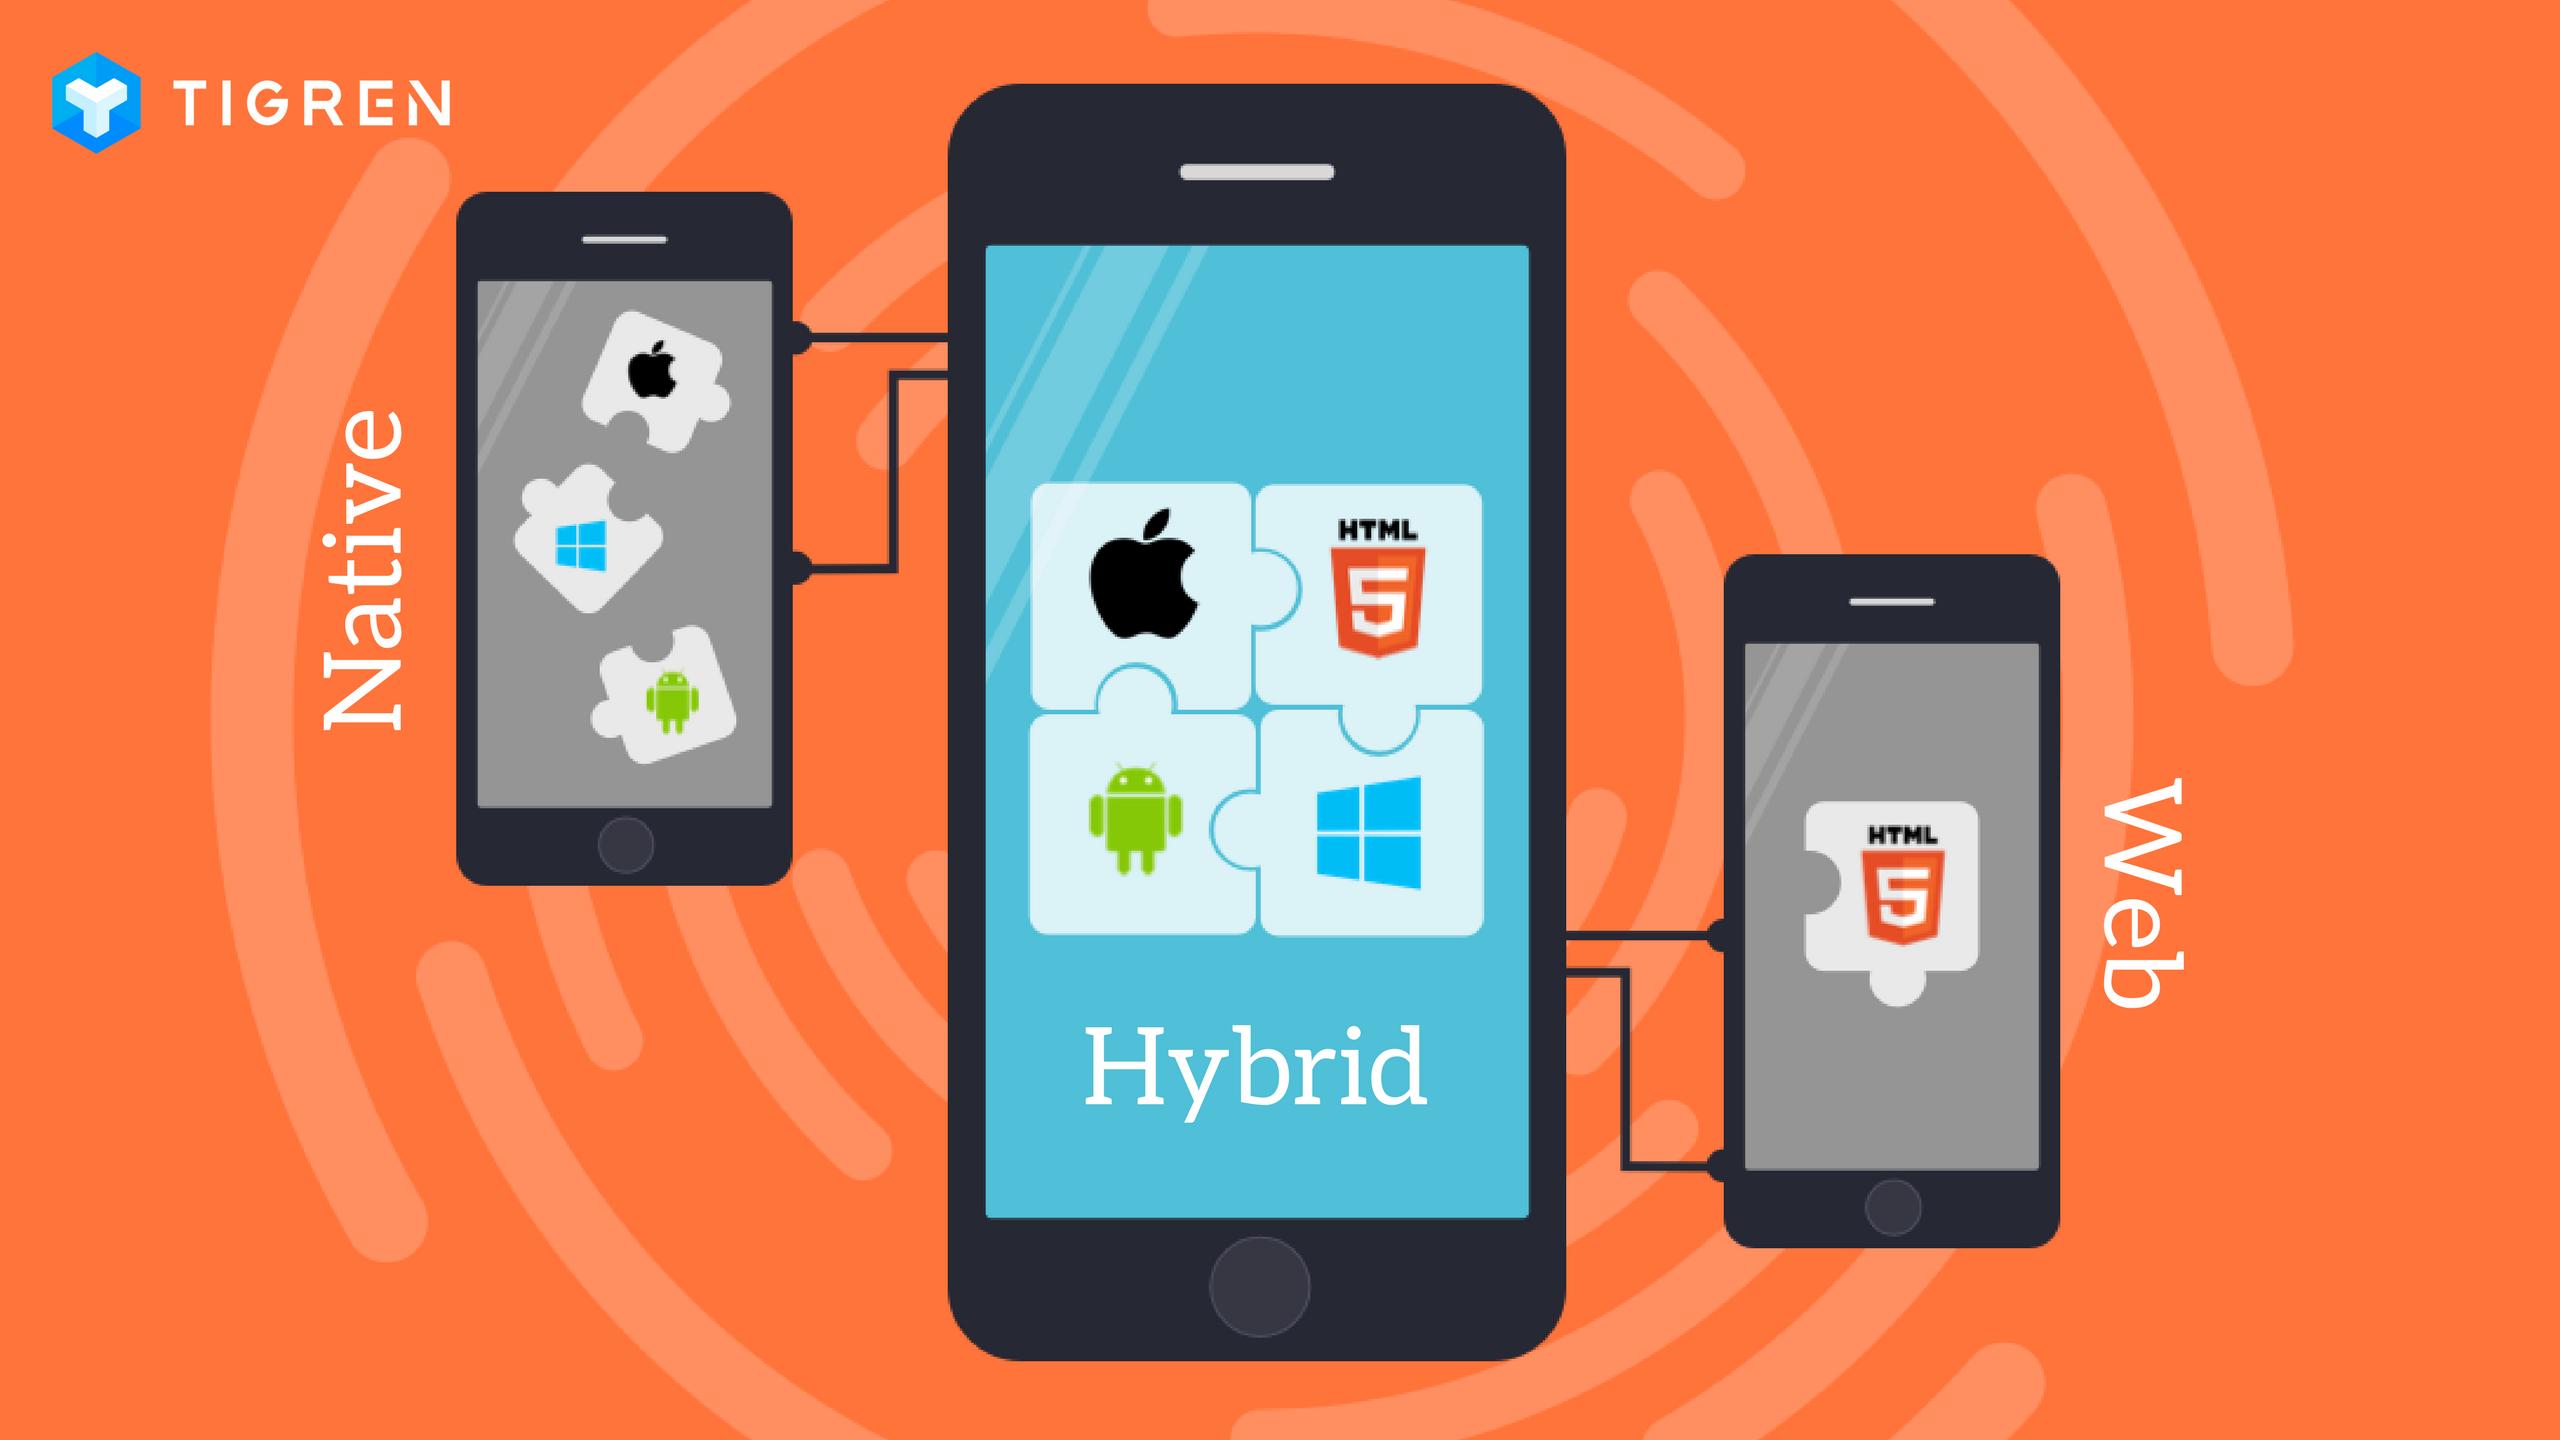 Phân loại ứng dụng trên thiết bị di động: Native Apps - Web Apps - Hybrid Apps